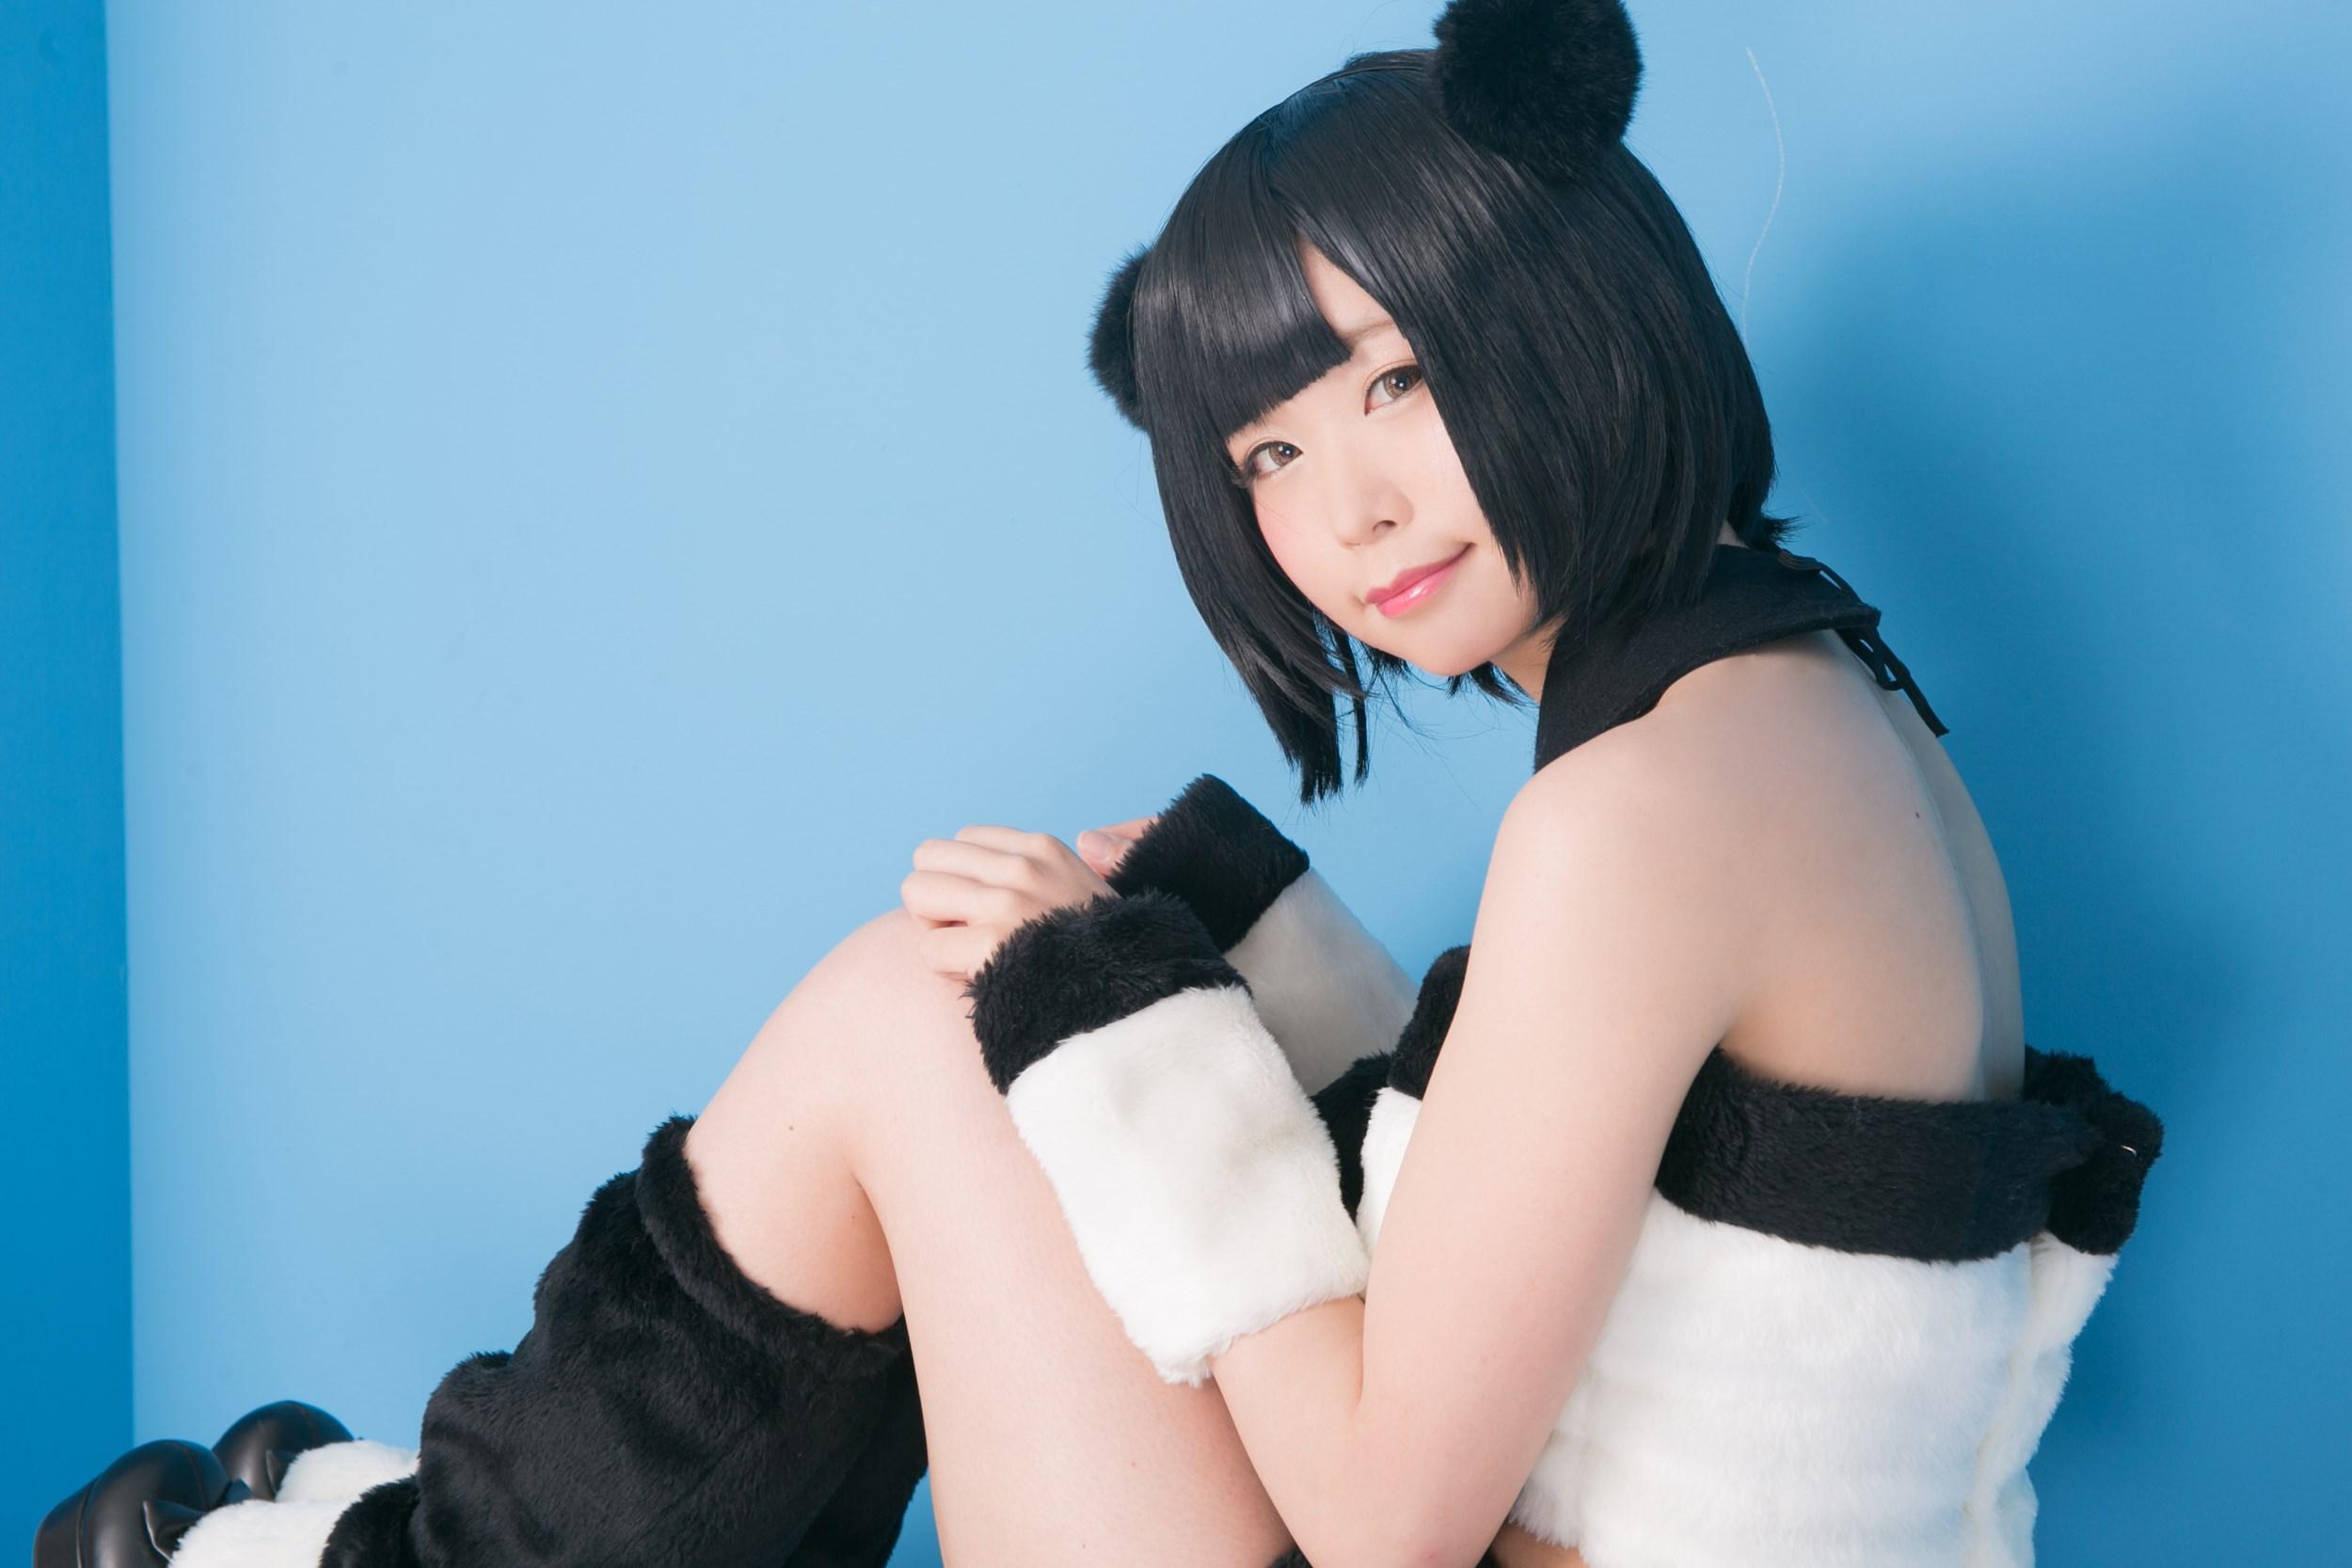 【兔玩映画】熊猫娘 兔玩映画 第19张